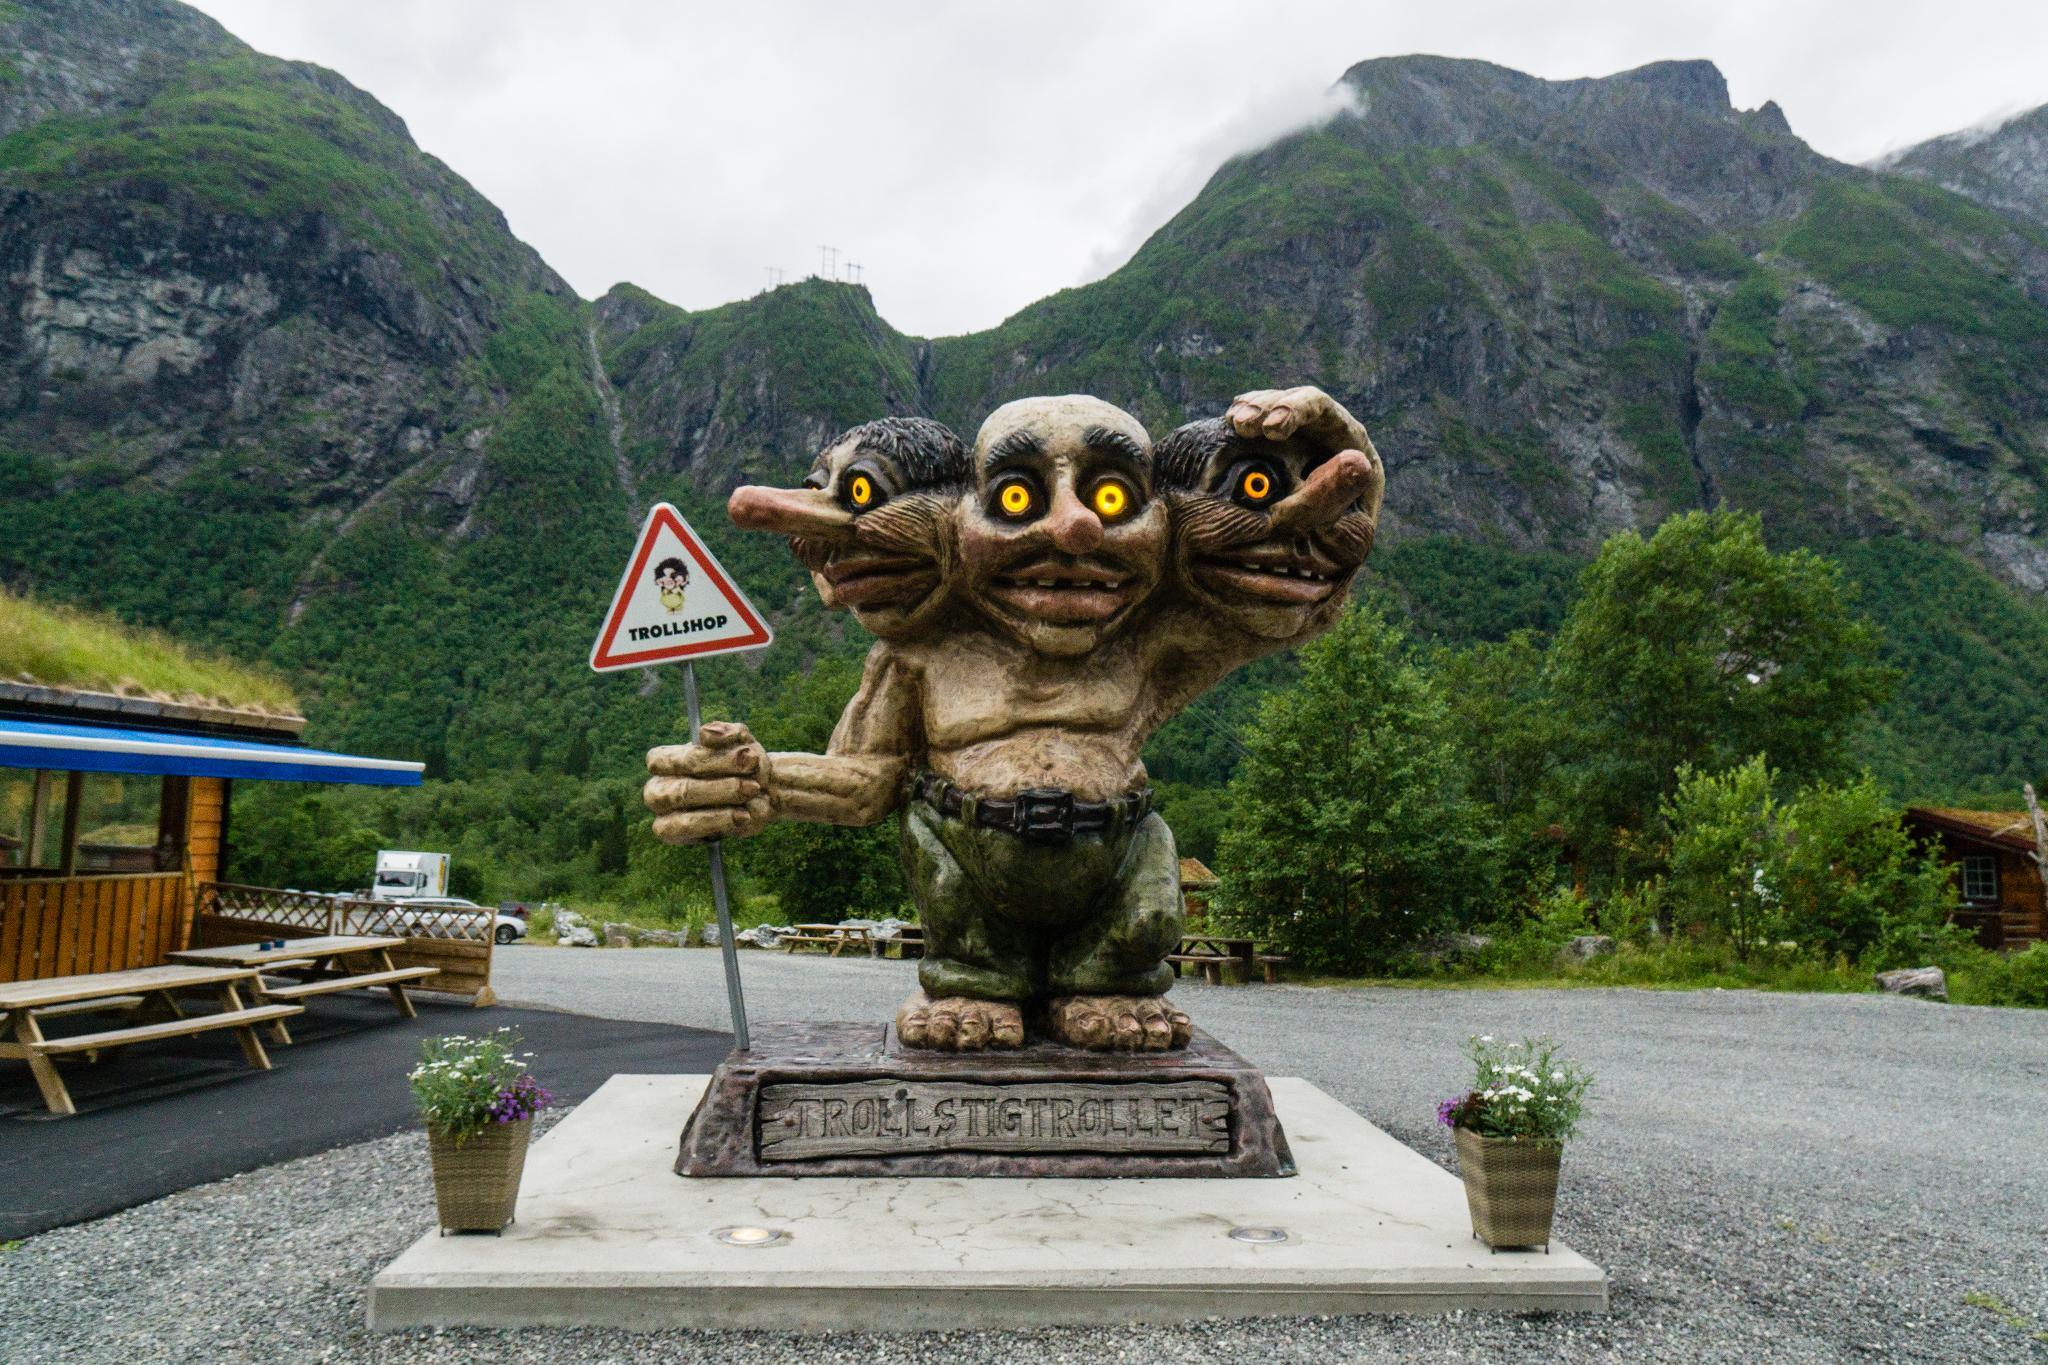 【北歐露營】在妖精出沒的峽谷中露營 - Trollstigen Camping 1